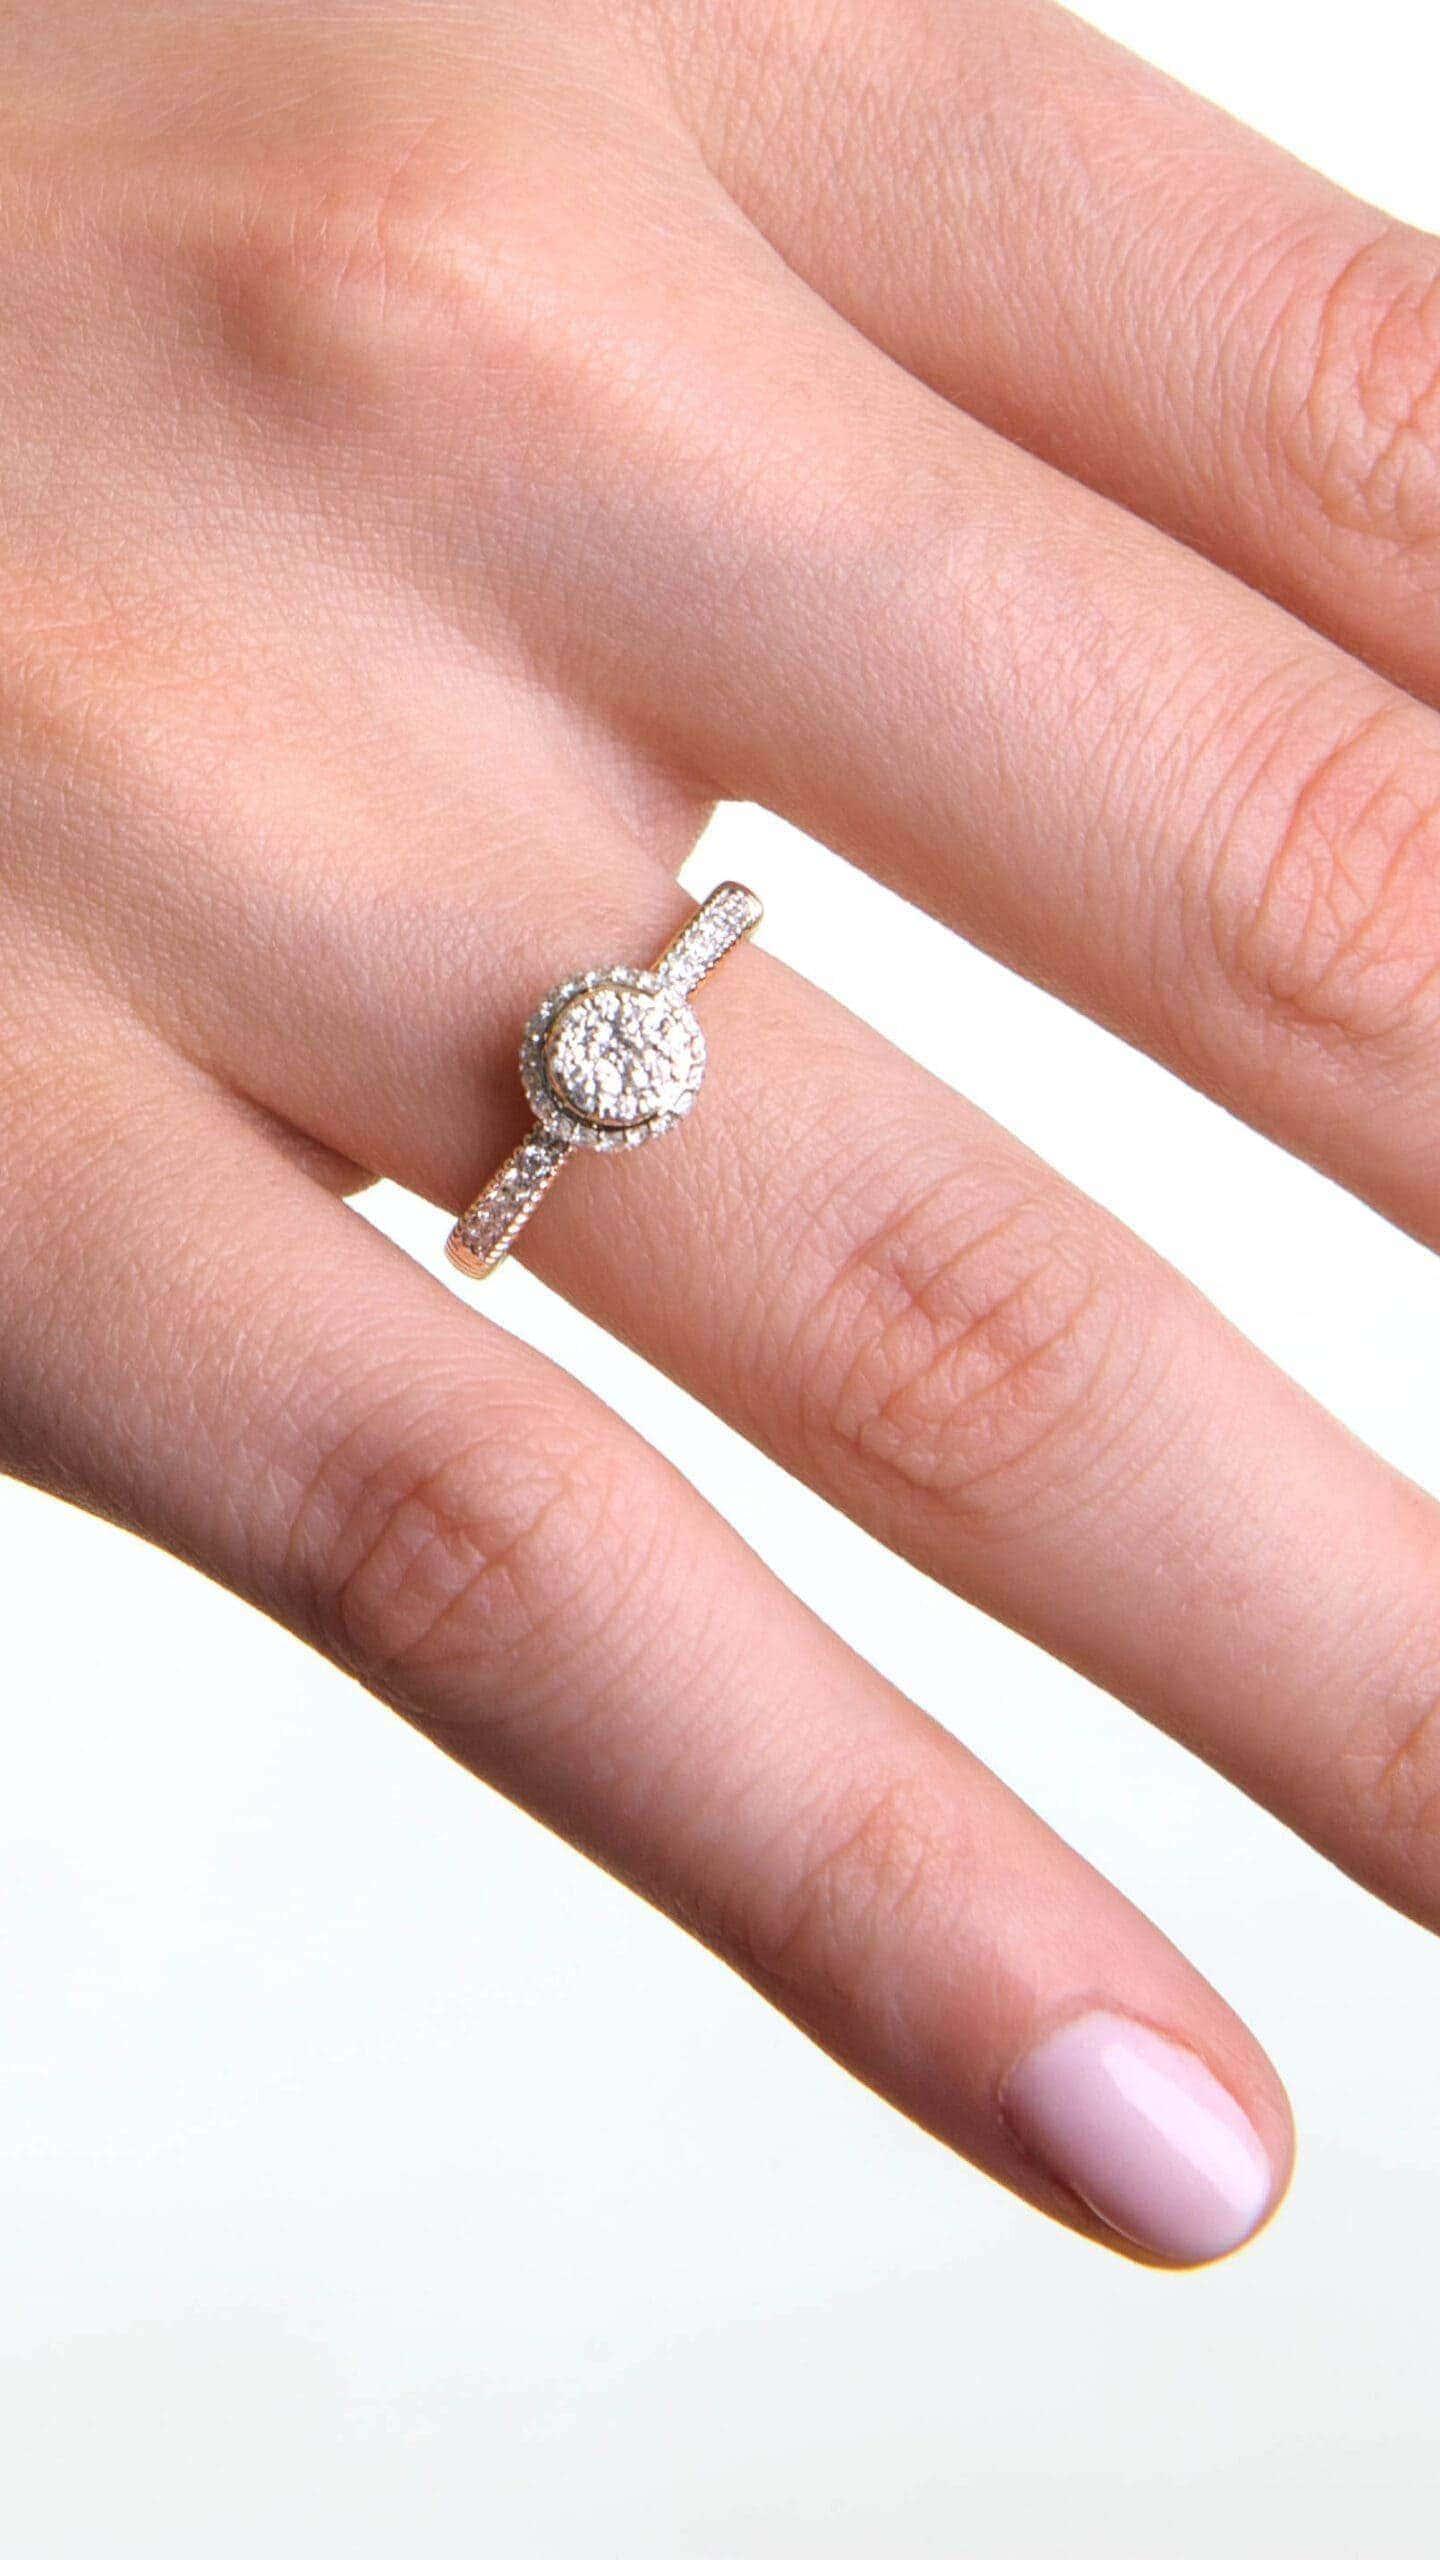 Modelka prezentuje na dłoni złoty pierścionek zaręczynowy z diamentami.